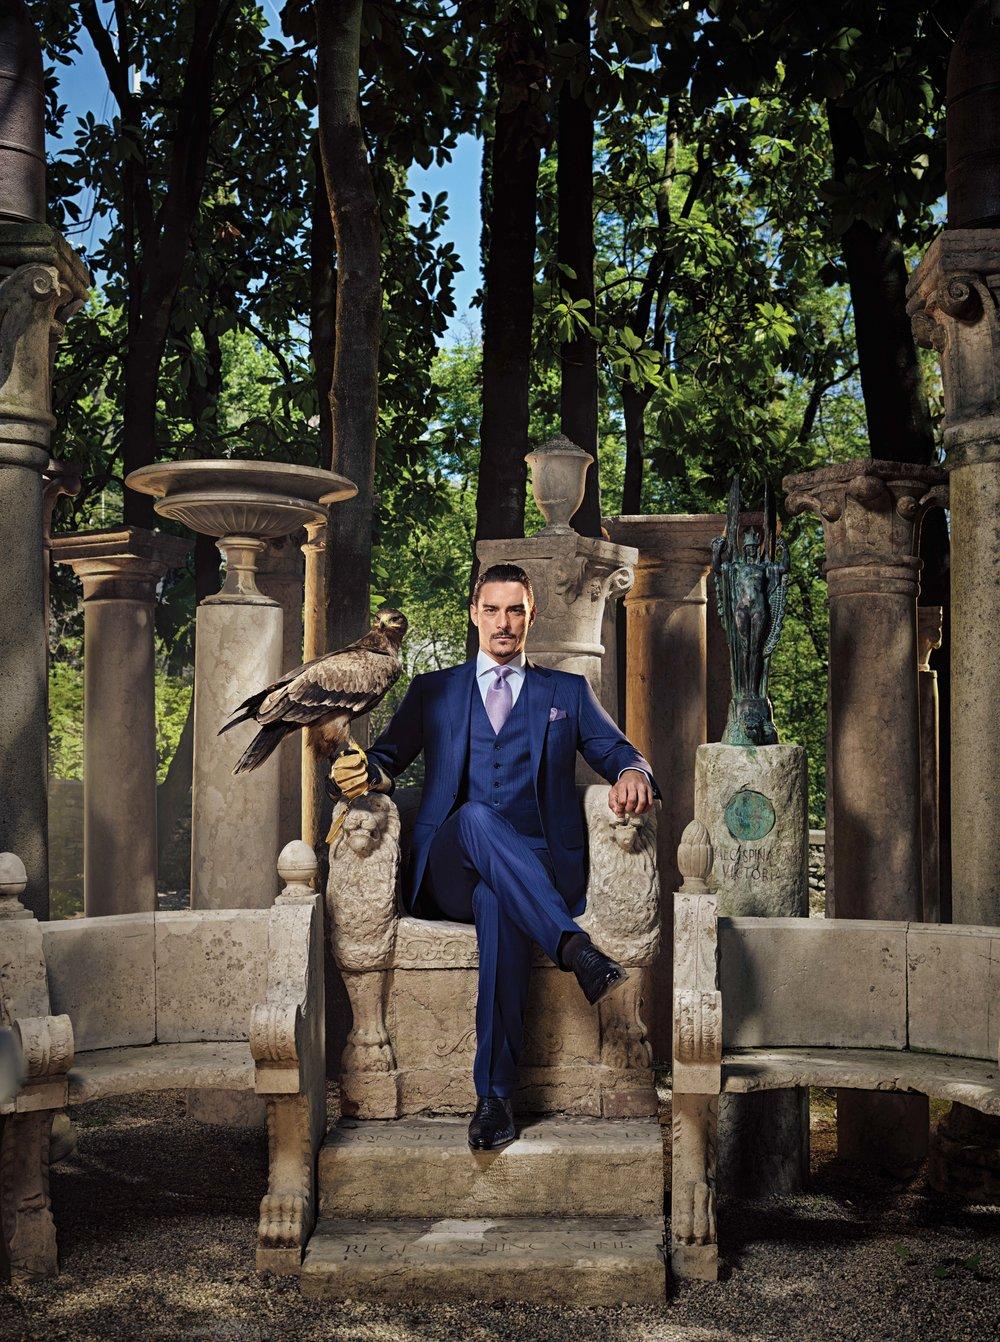 雄鷹是Stefano Ricci品牌的標誌之一,Stefano Ricci的腰帶扣上就有一隻雕琢精美的珠寶雄鷹頭像。此外,在品牌的廣告大片和視頻中,也經常出現雄鷹的身影,象徵著品牌雄心勃勃、高瞻遠矚的精神內涵。